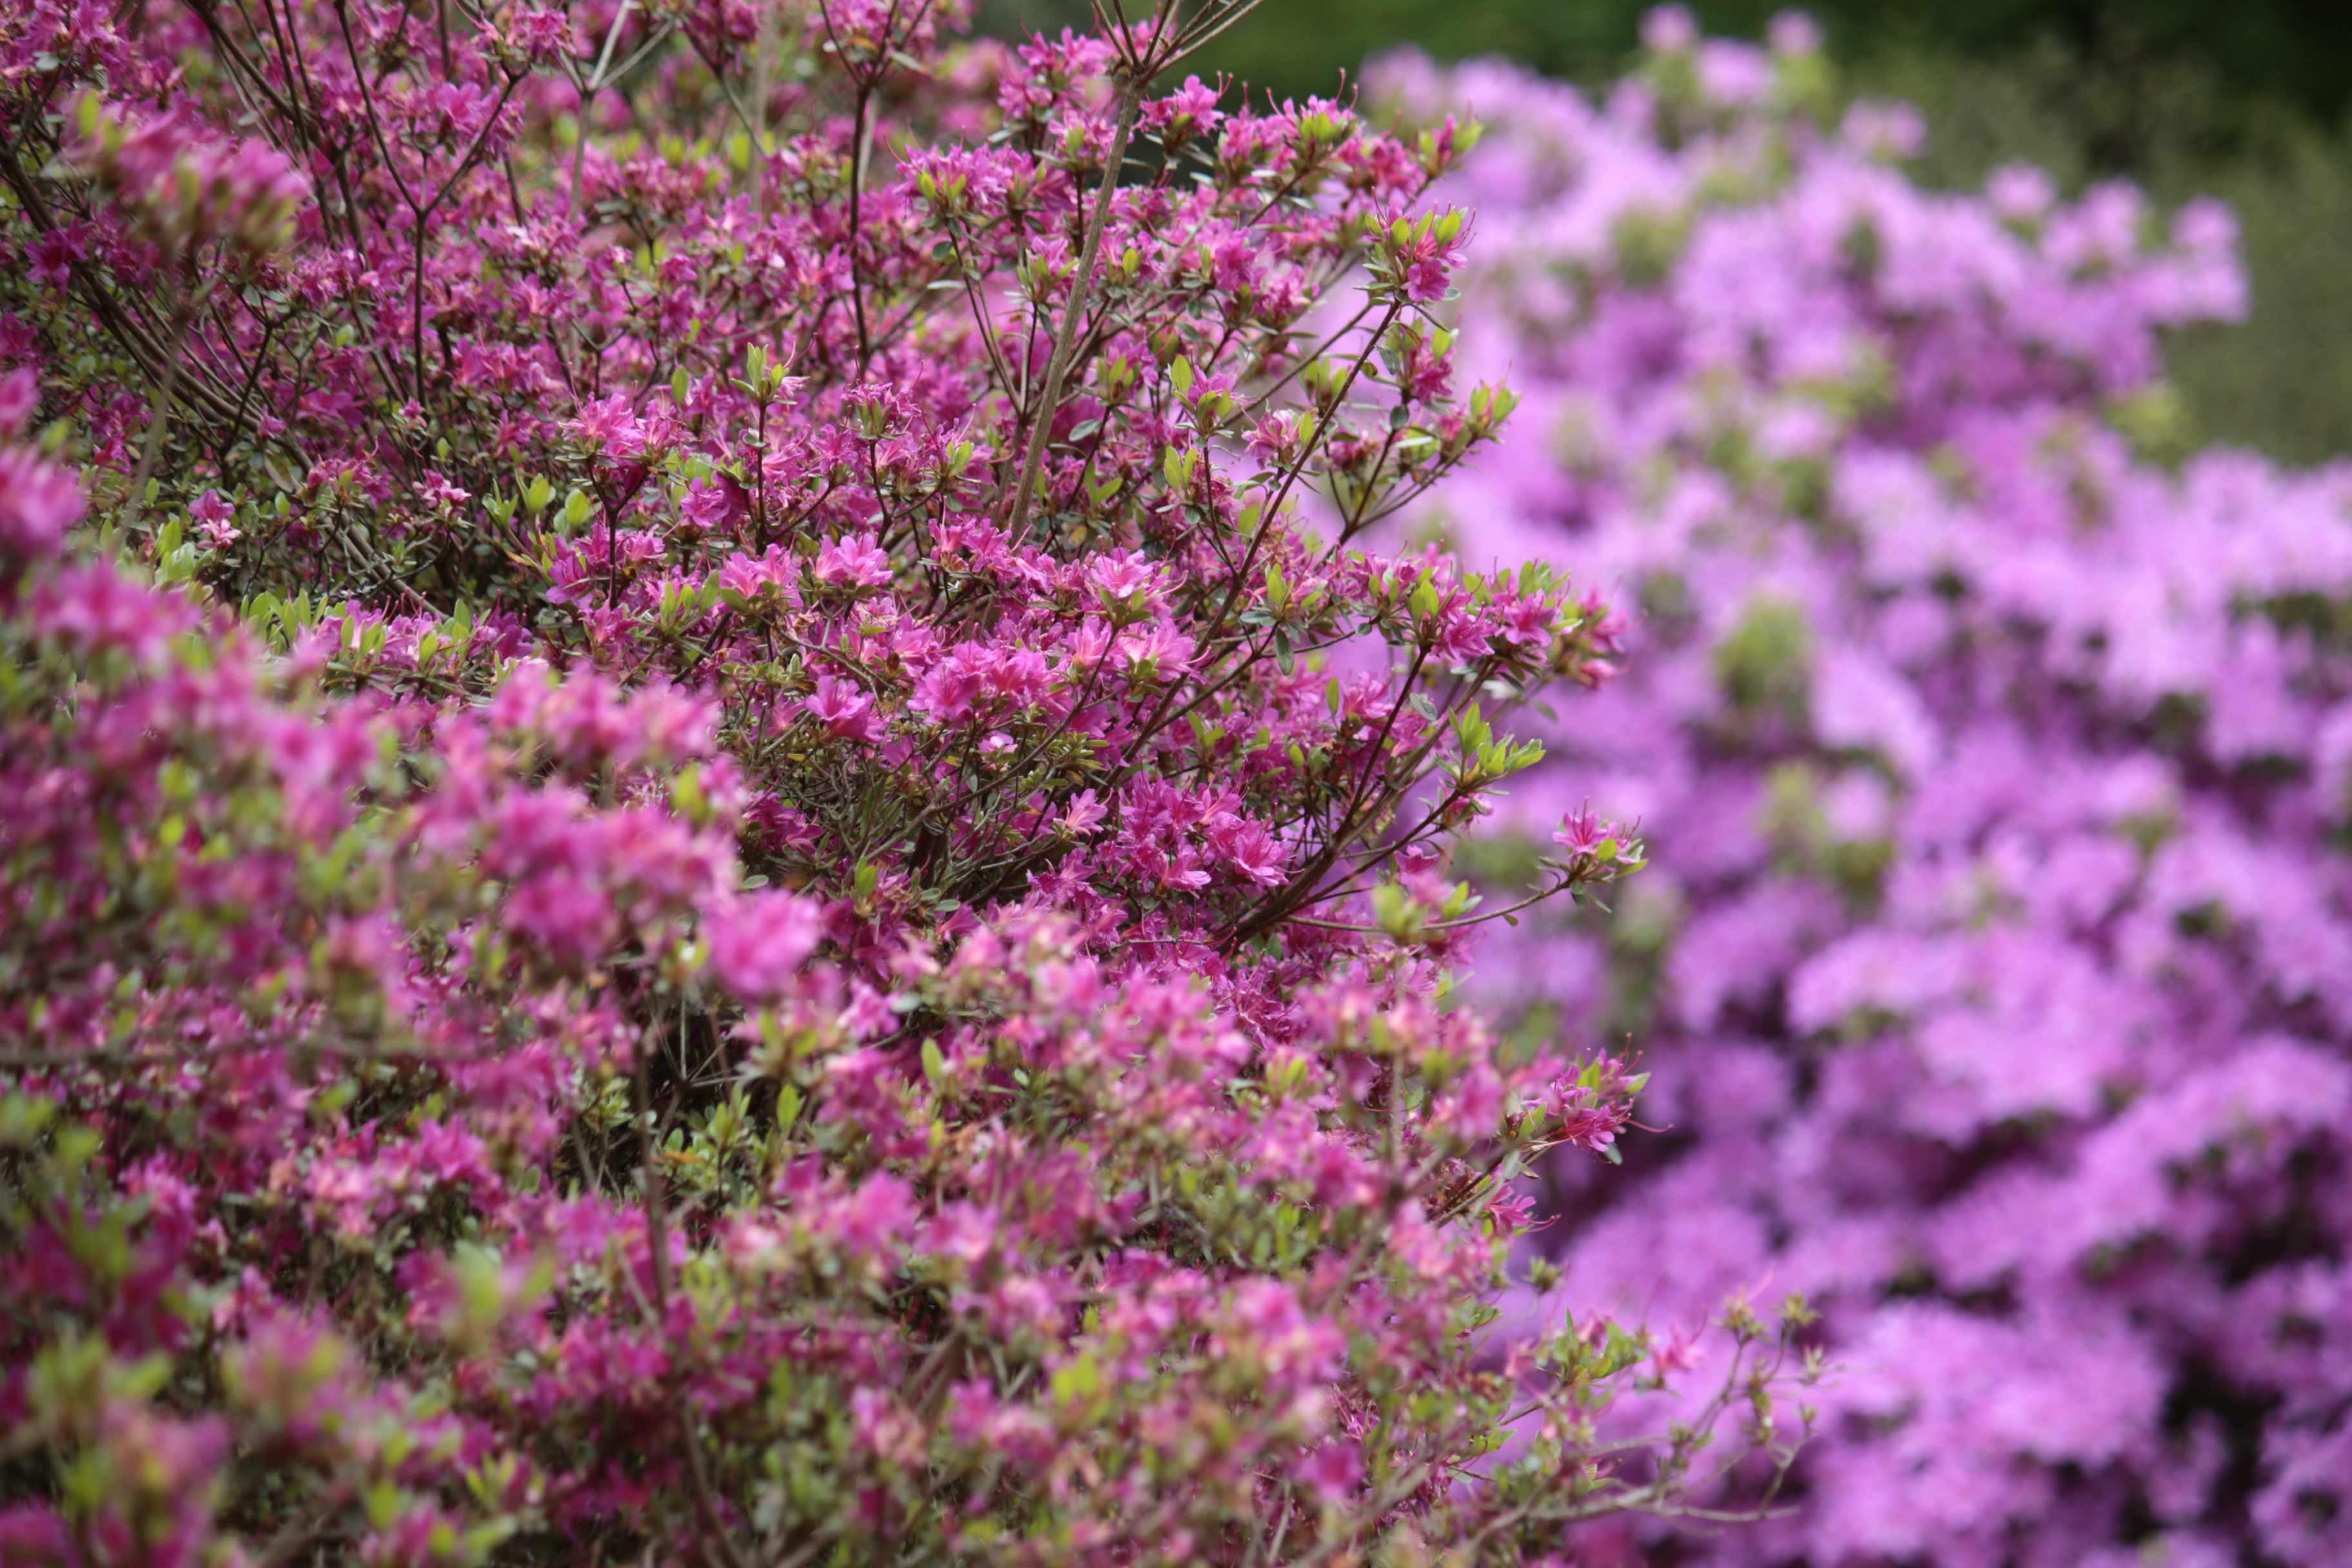 pink, purple, azaleas, flowers in bloom, Isabella Plantation